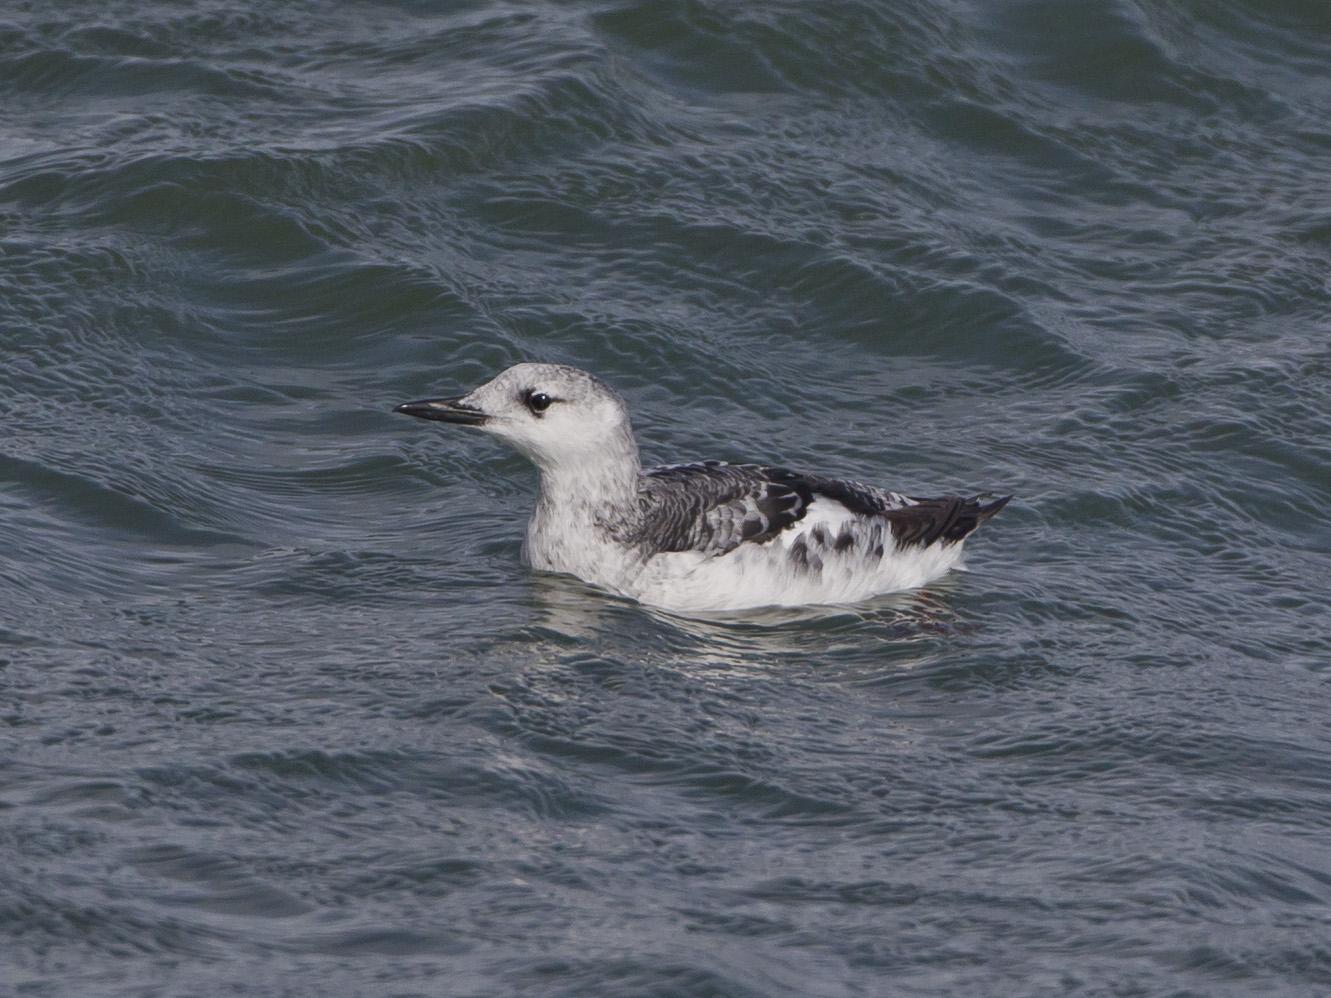 Viele Seevögel hatten ihre Mühe mit den stürmischen Winden, wie diese Gryllteiste ...